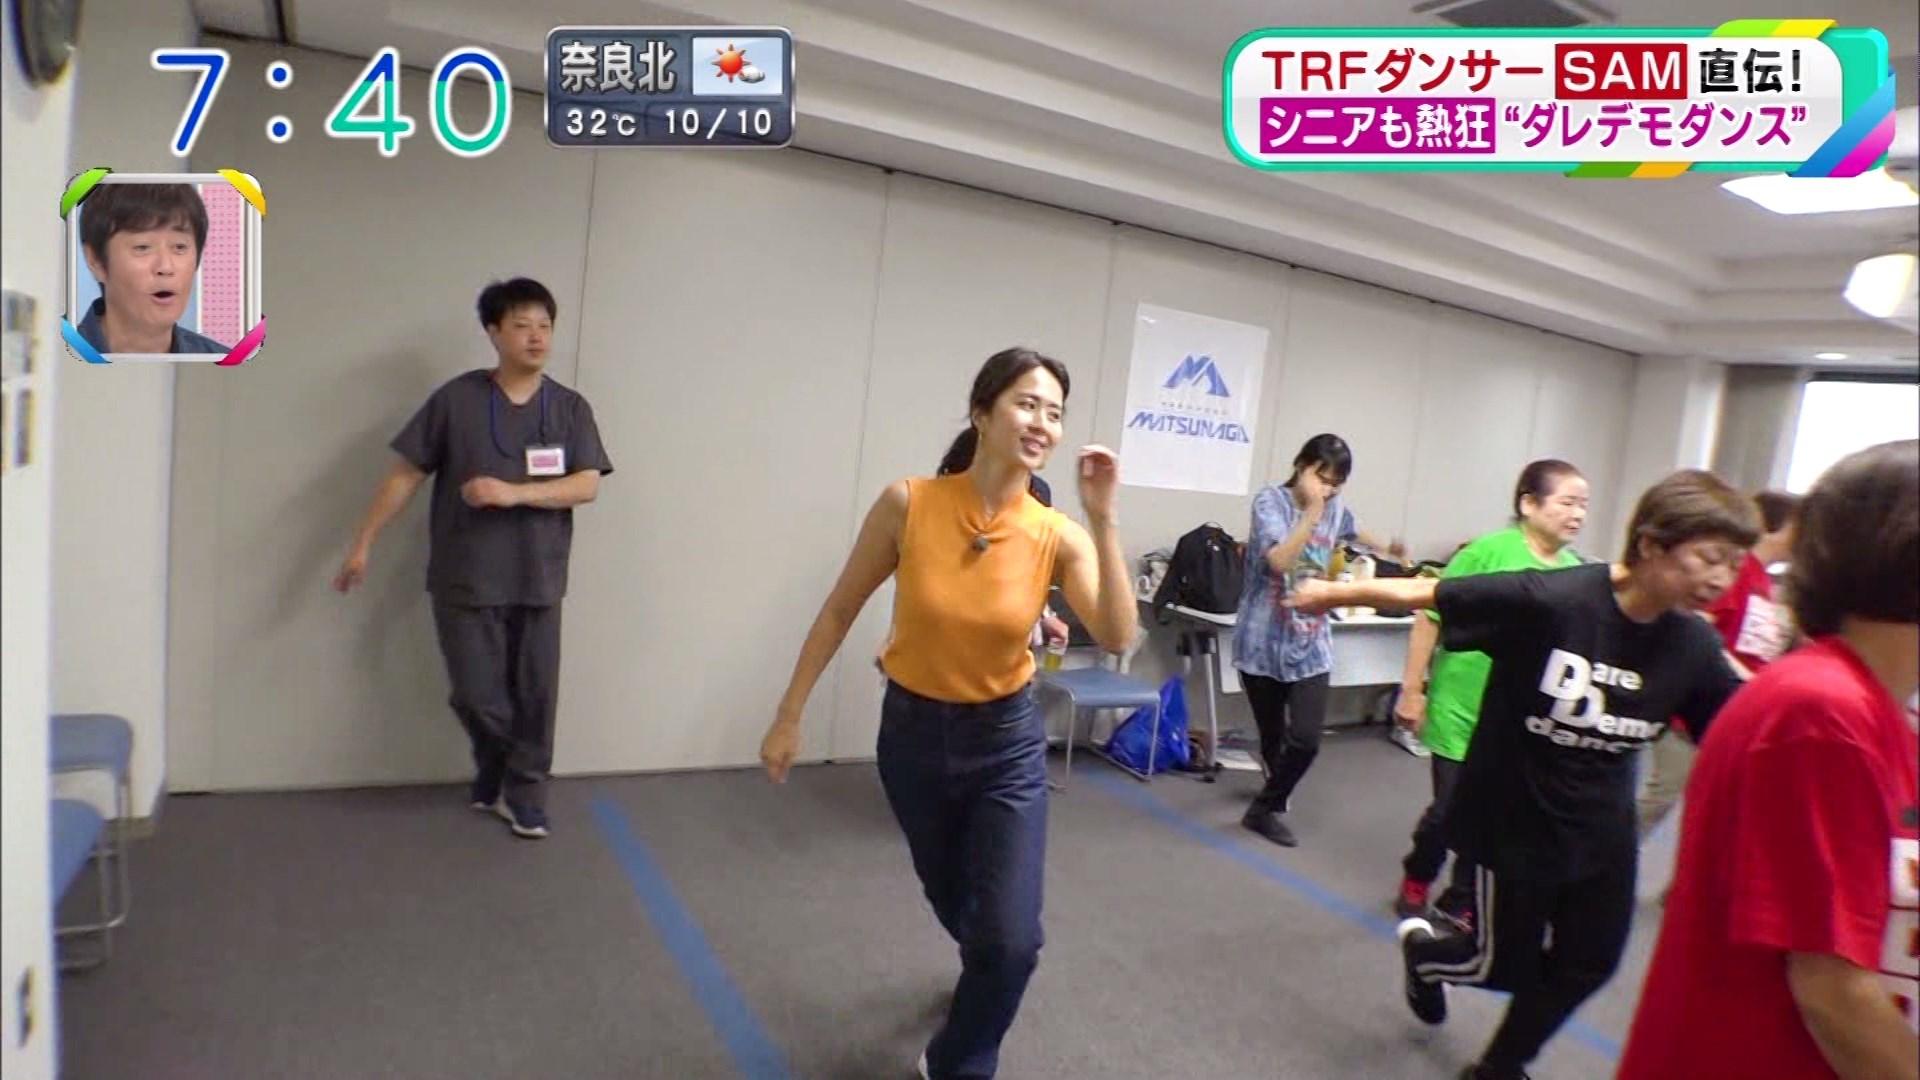 2019年9月16日に放送された「おはよう朝日です」に出演した安藤絵里菜さんのテレビキャプチャー画像-049